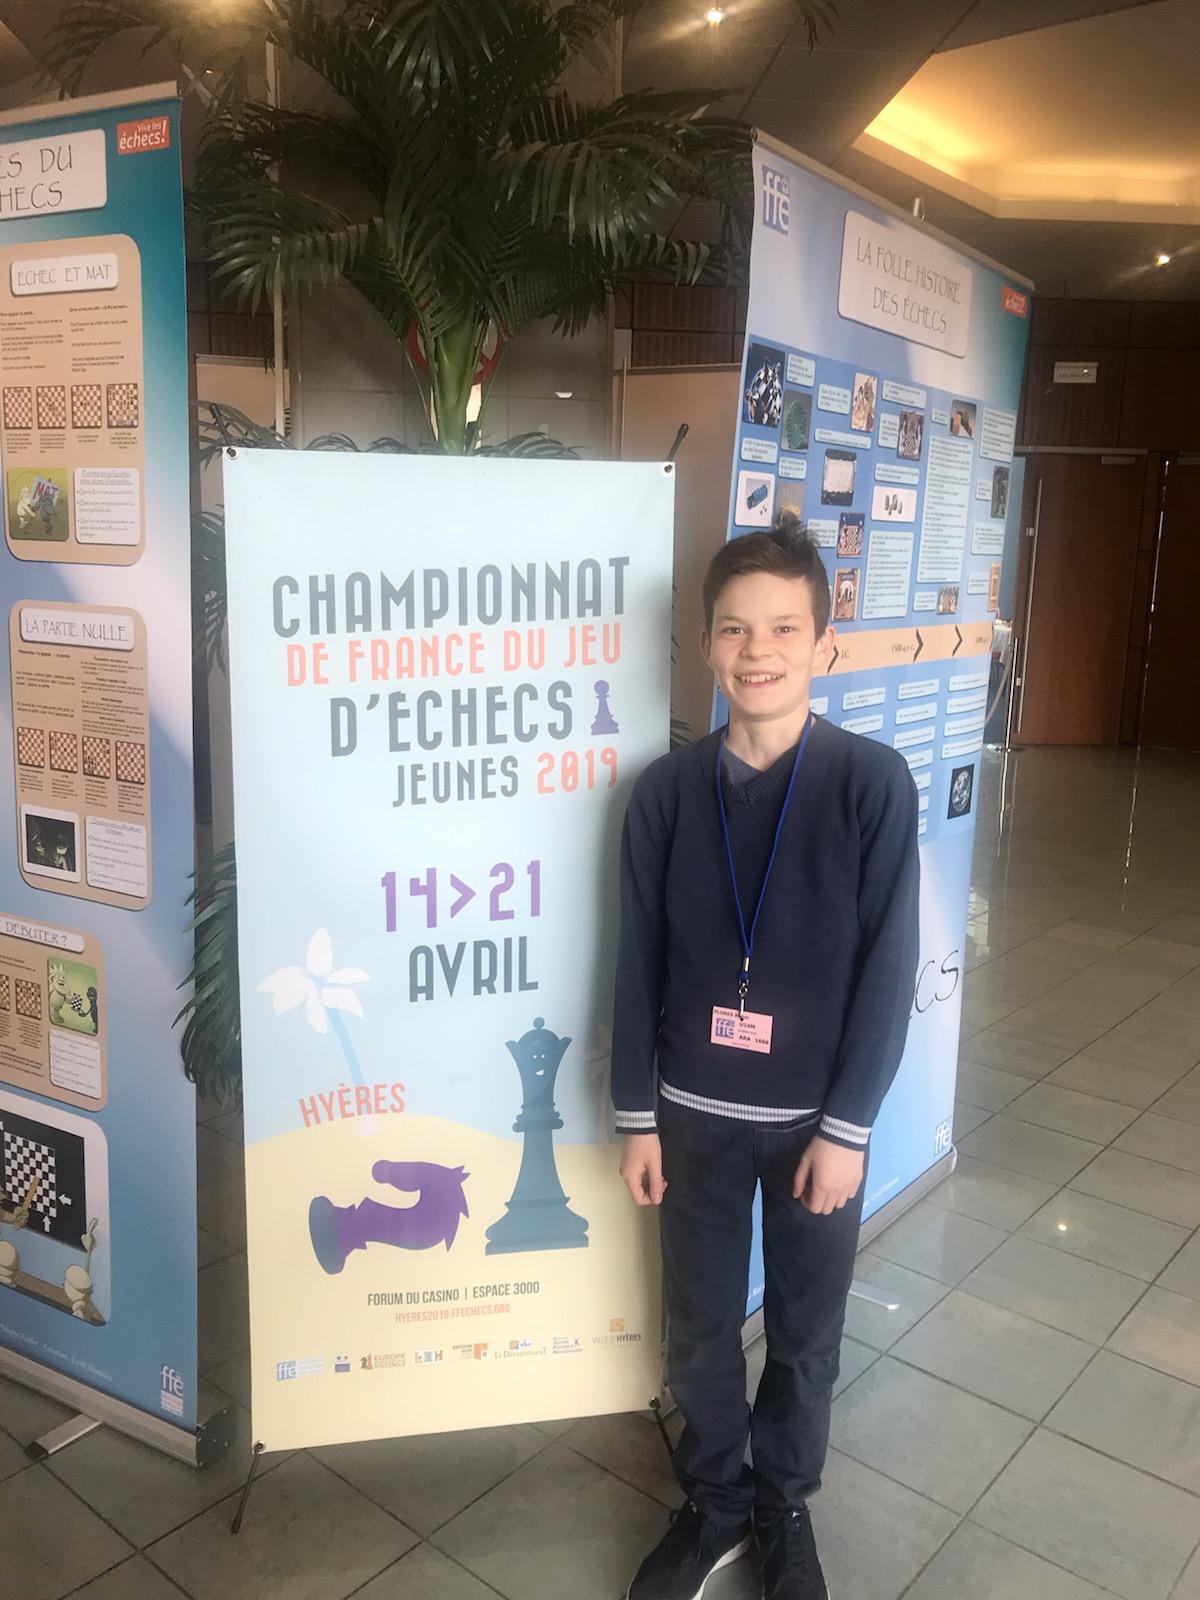 Championnat de france jeunes 2